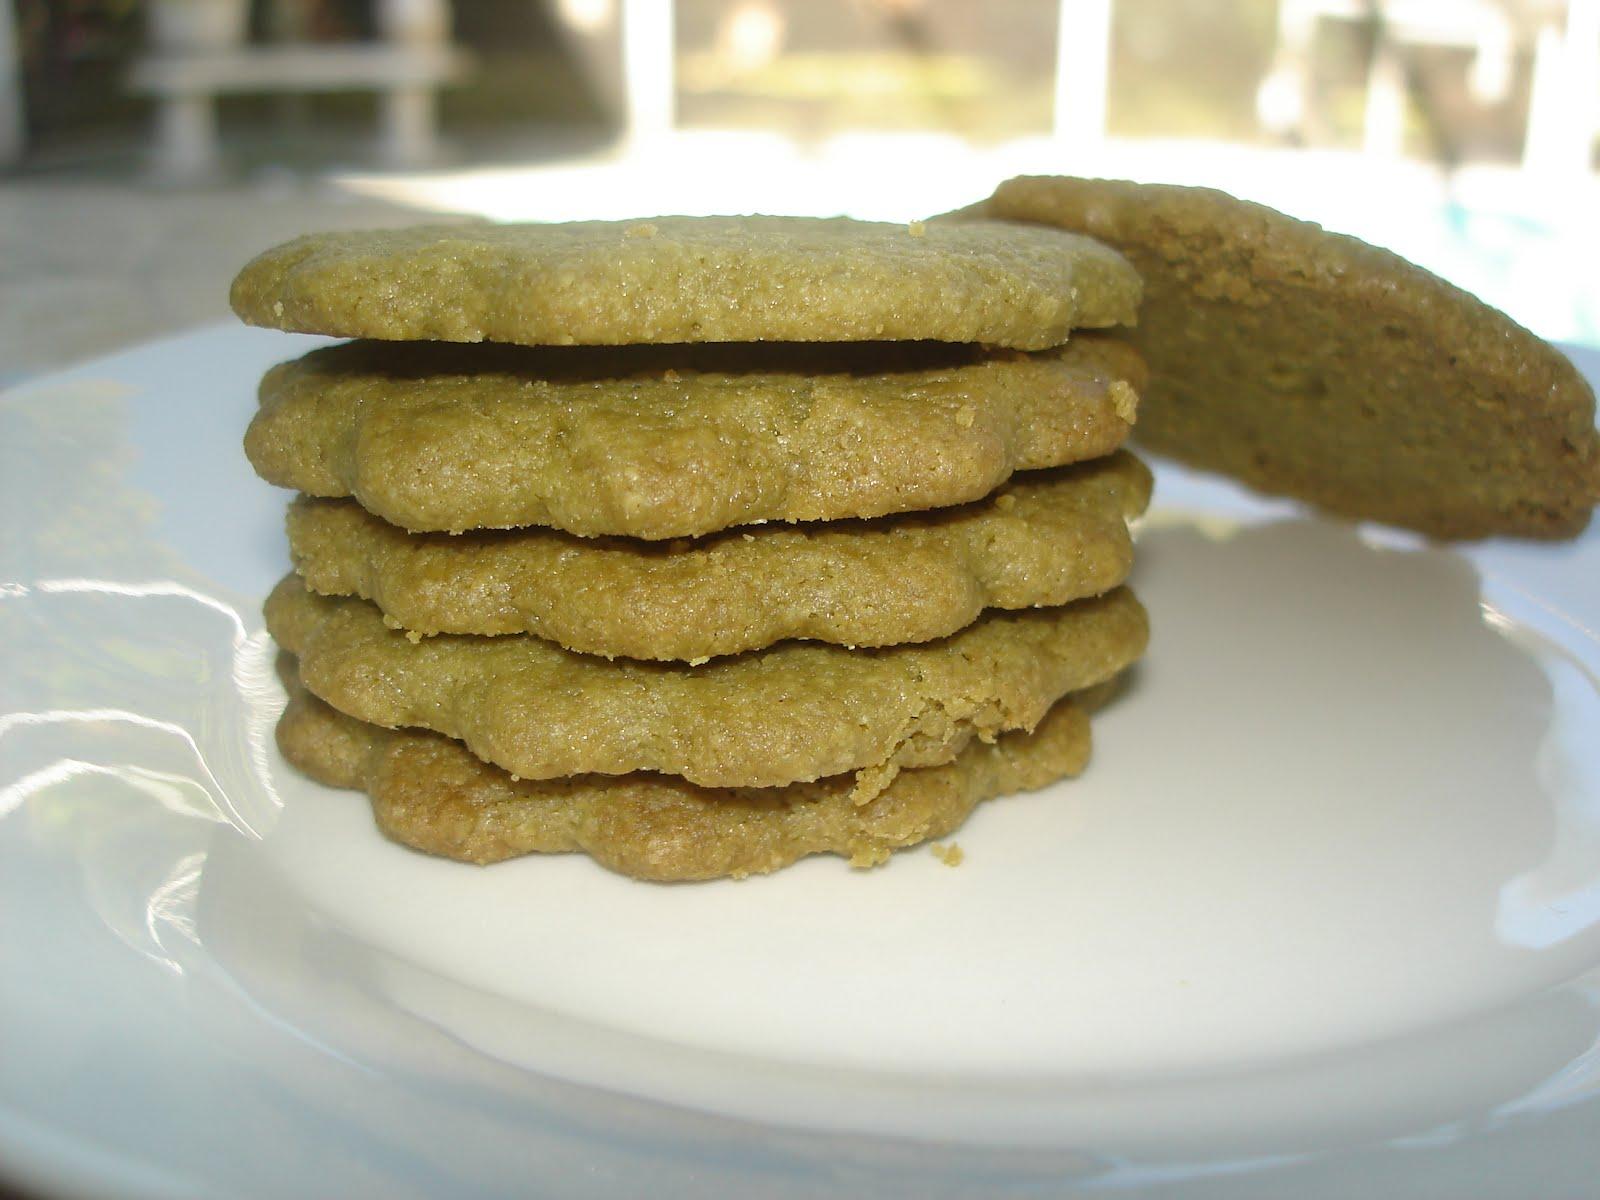 The Tiny Skillet: Matcha (Green tea) Shortbread Cookies